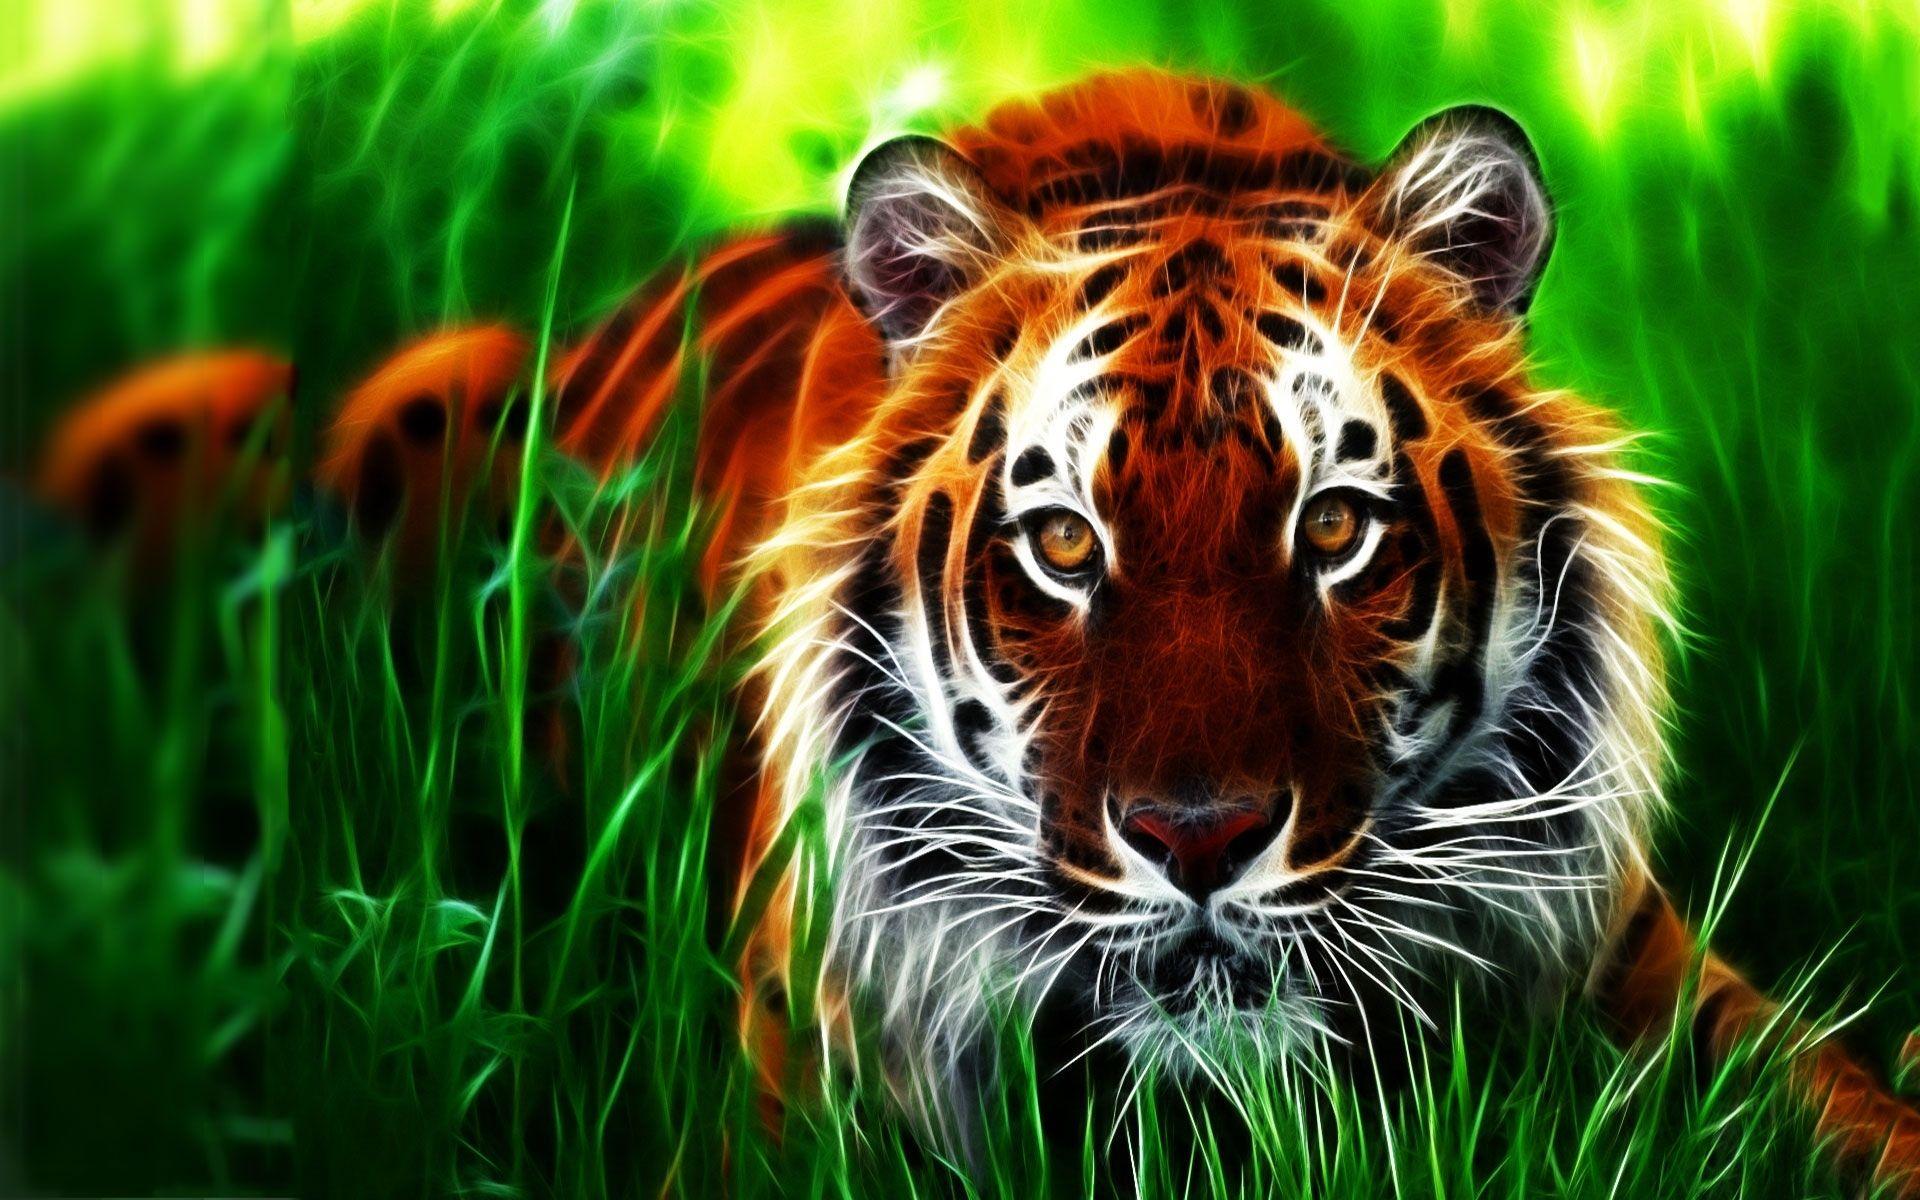 Download 3d Tiger Wallpaper Download Hd New 3d Tiger Wallpaper Download Download Download 3d Tiger Wallpaper D Tiger Pictures Tiger Wallpaper Tiger Images